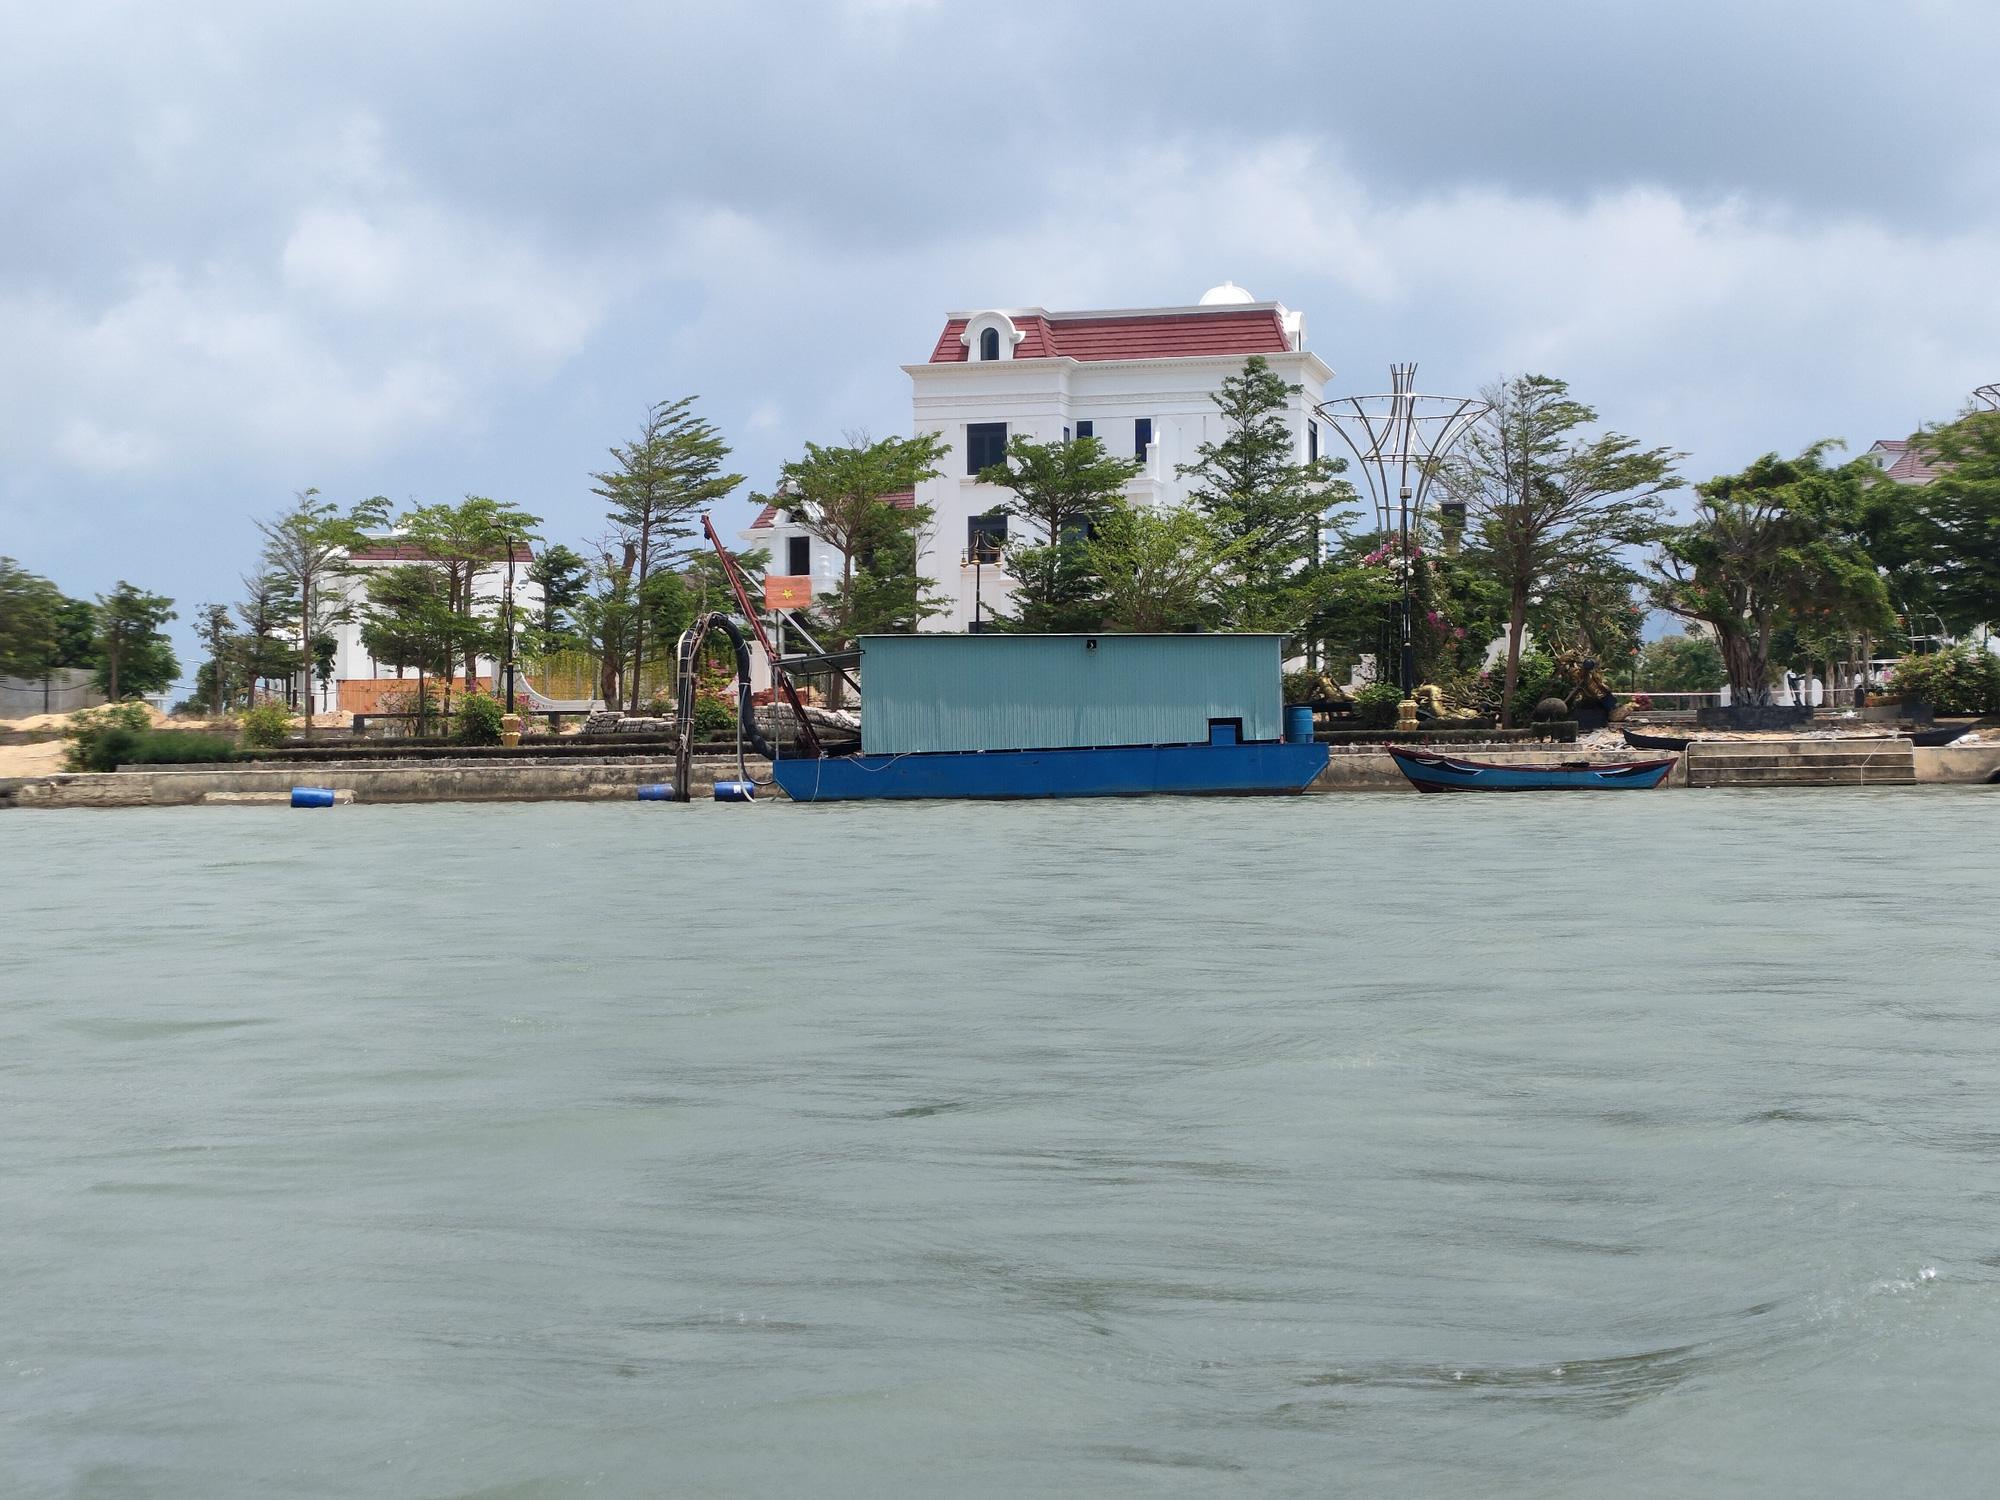 Bình Định: Yêu cầu doanh nghiệp khai thác cát cam kết không gây sạt lở bờ sông - Ảnh 1.